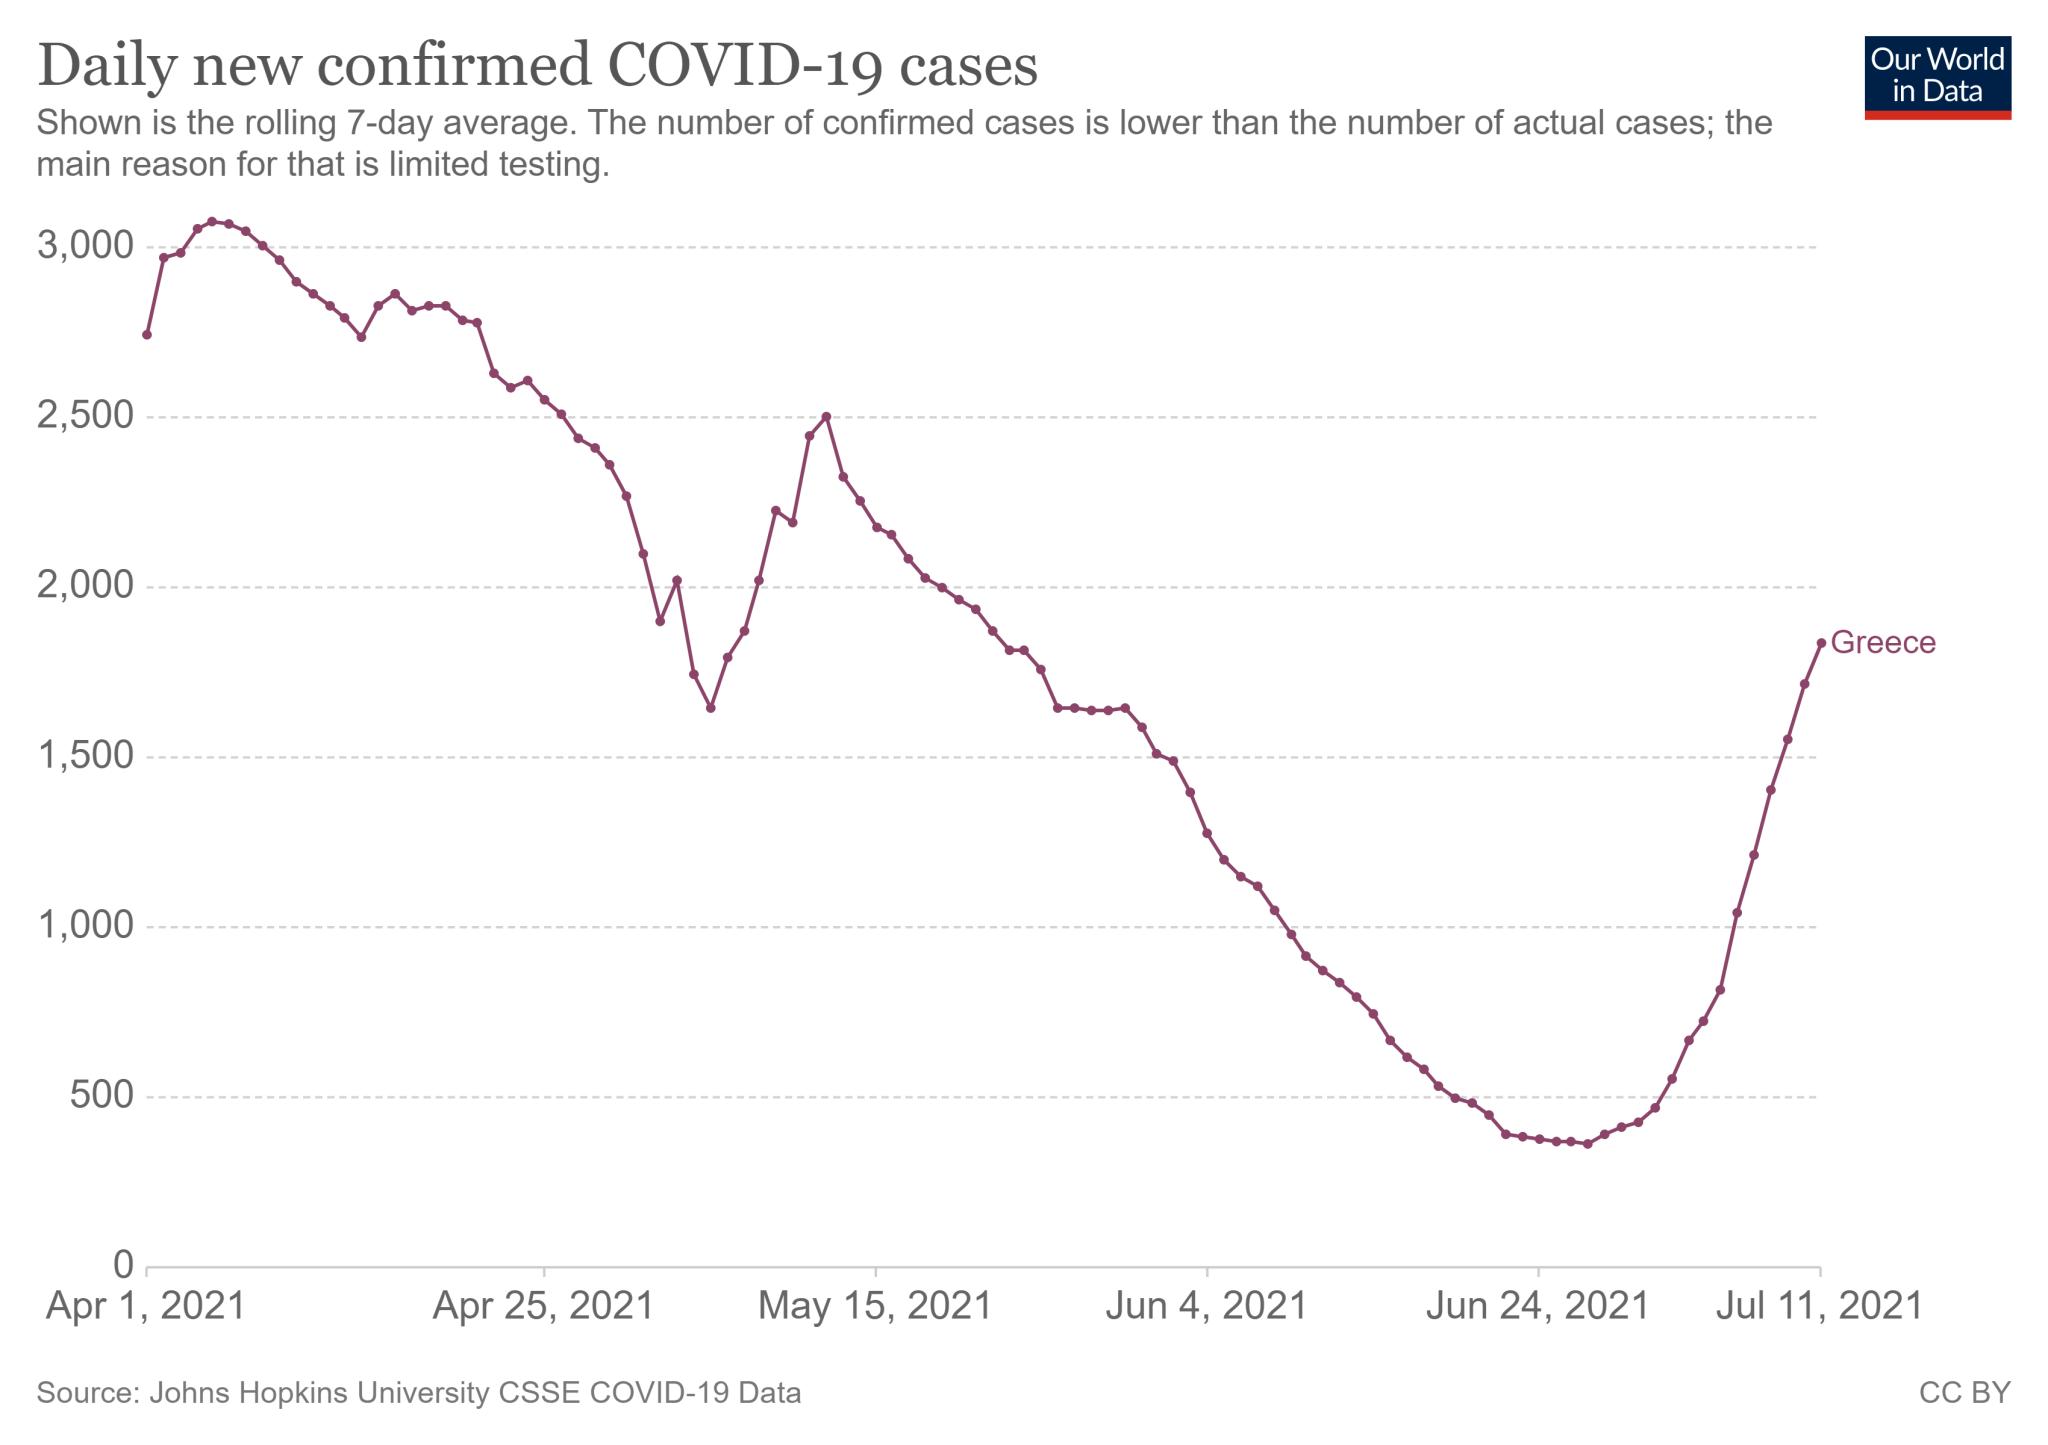 Średnia dzienna liczba nowych zakażeń COVID-19 w Grecji (za 1 kwietnia - 11 lipca 2021)